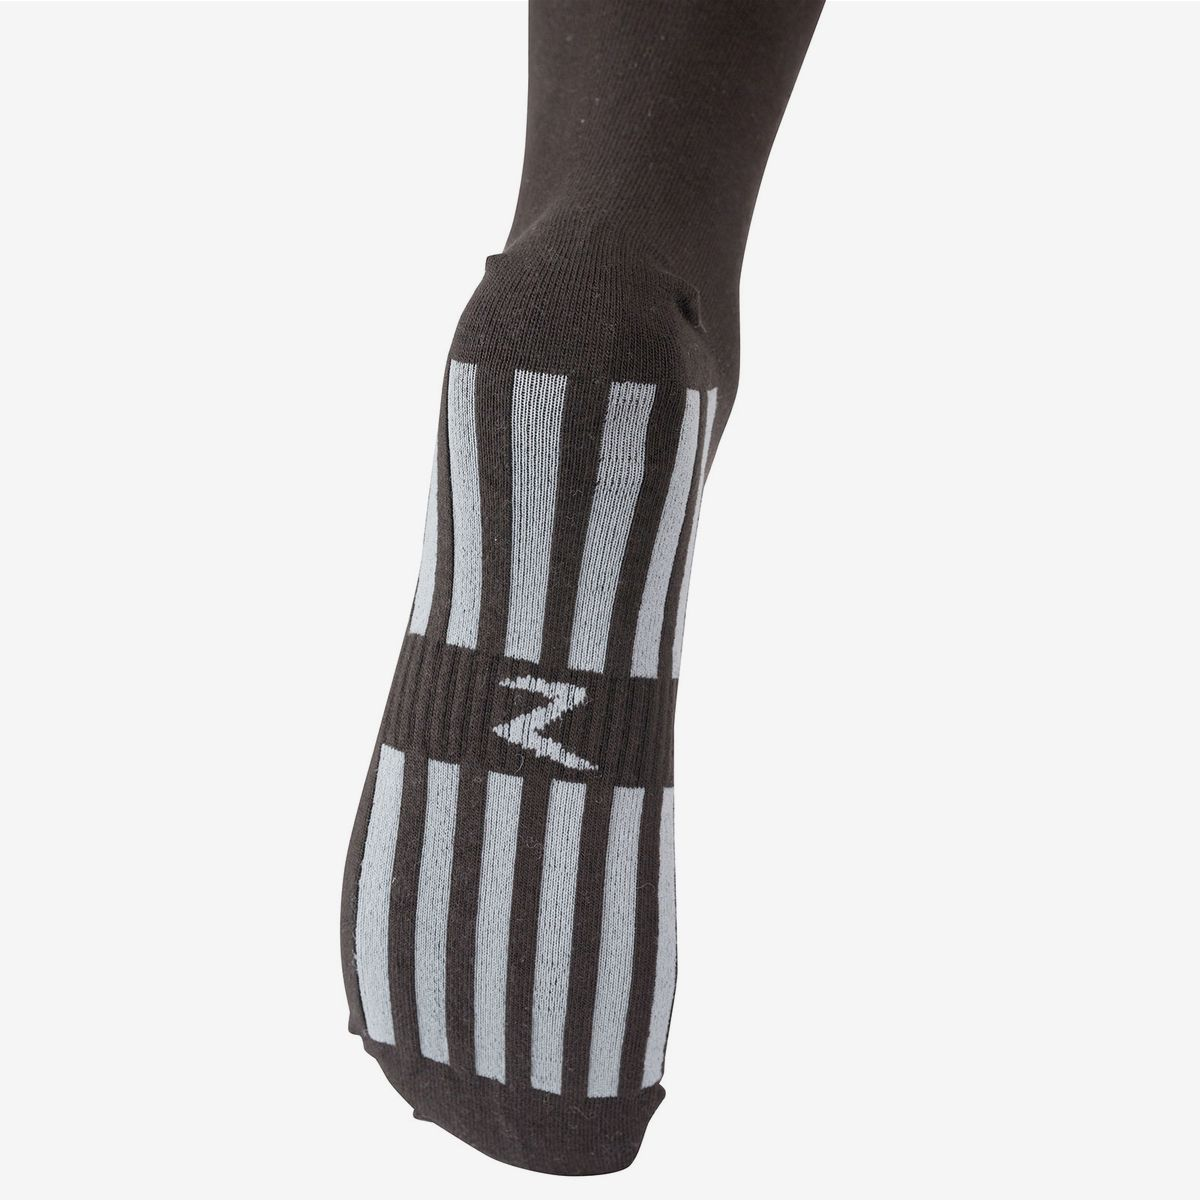 Horze Coolmax Riding Boot Chaussettes renforcé pied et sculpté en bas